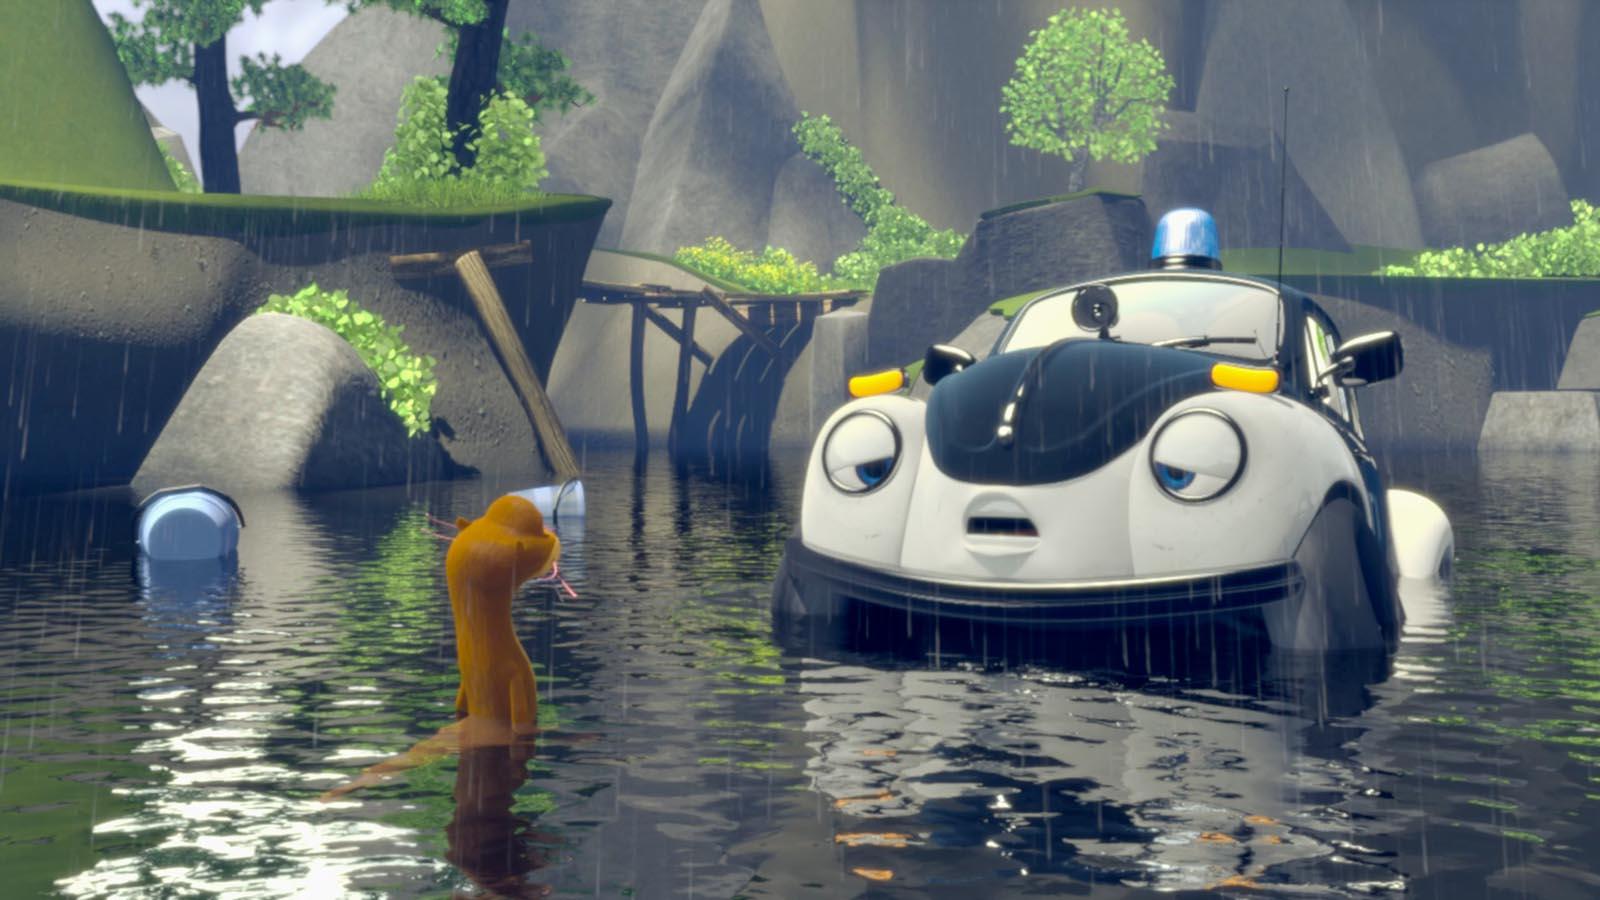 Ploddy - La voiture électrique mène l'enquête - Photo Ploddy et son amie la loutre